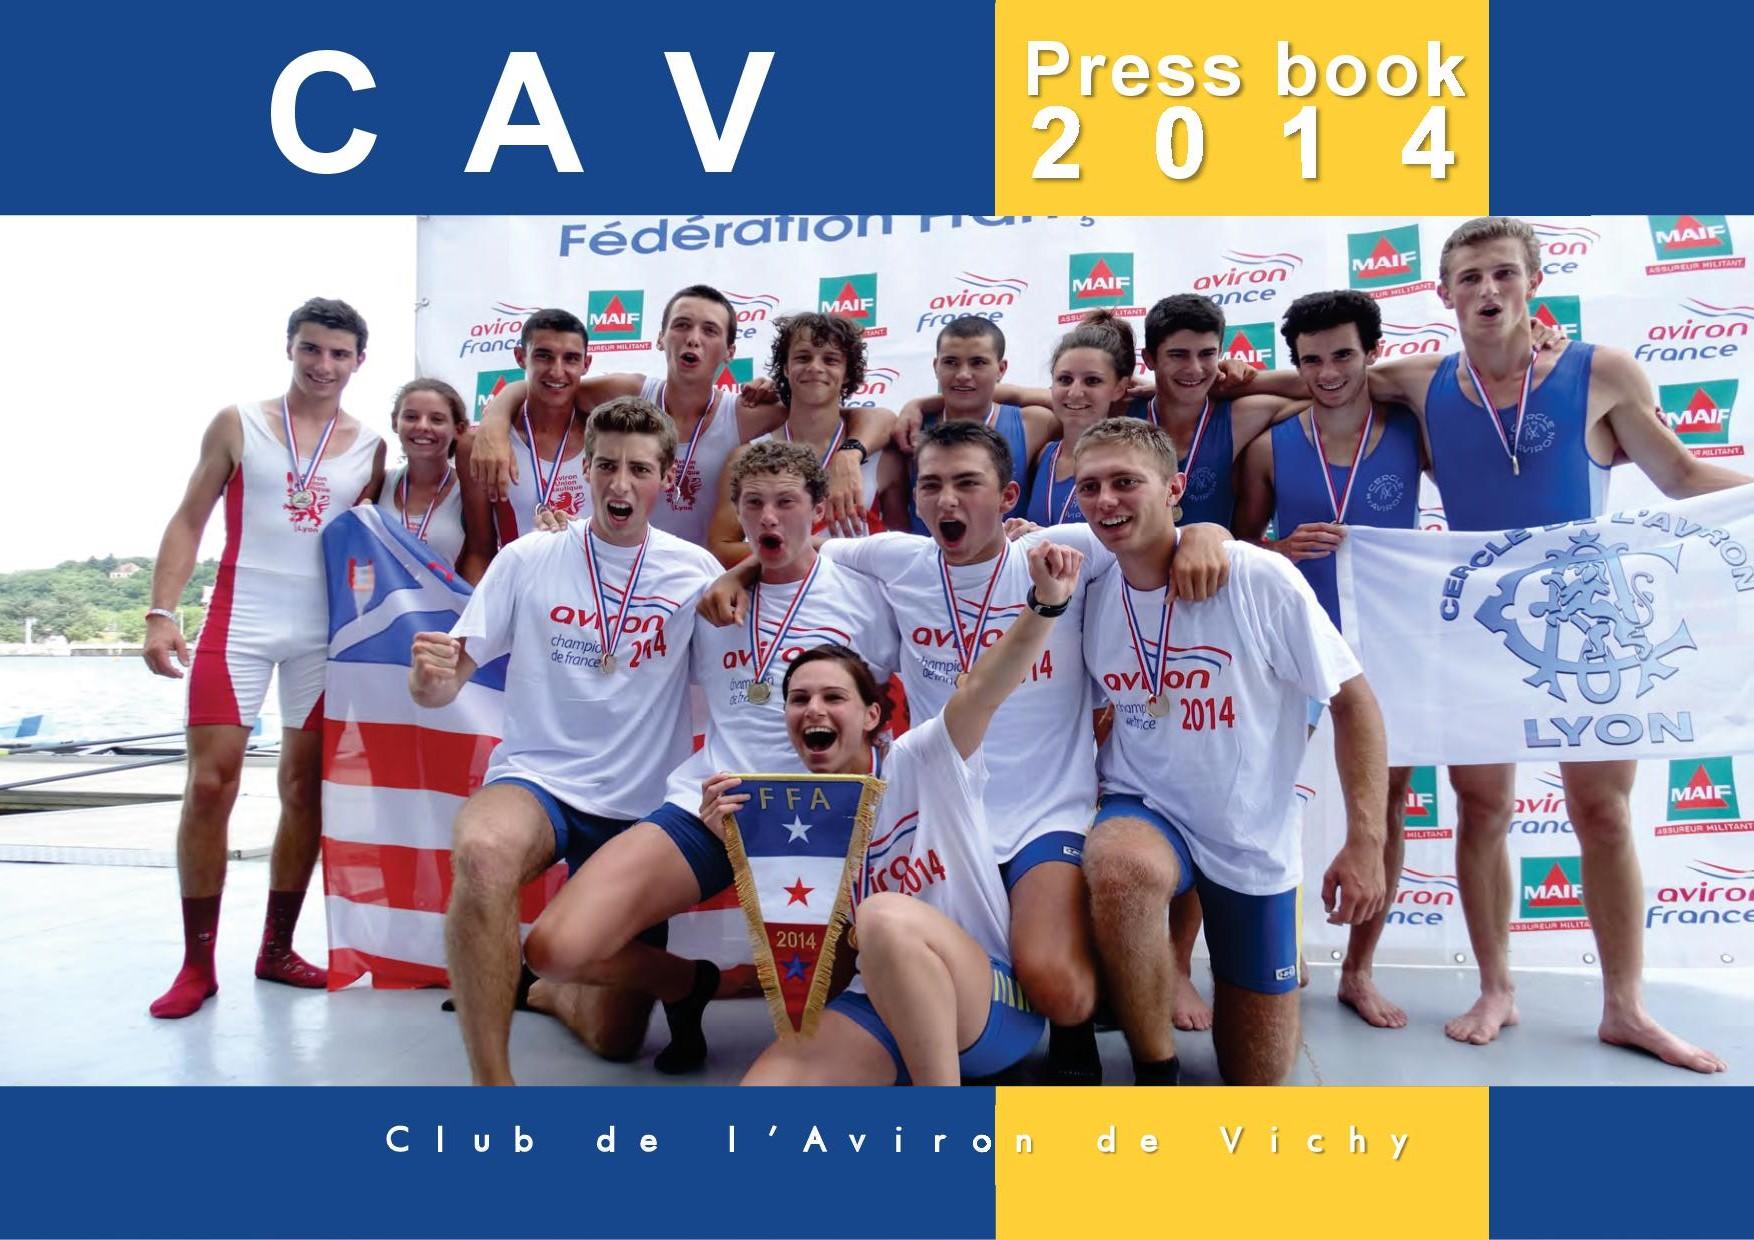 Pressbookcav2014